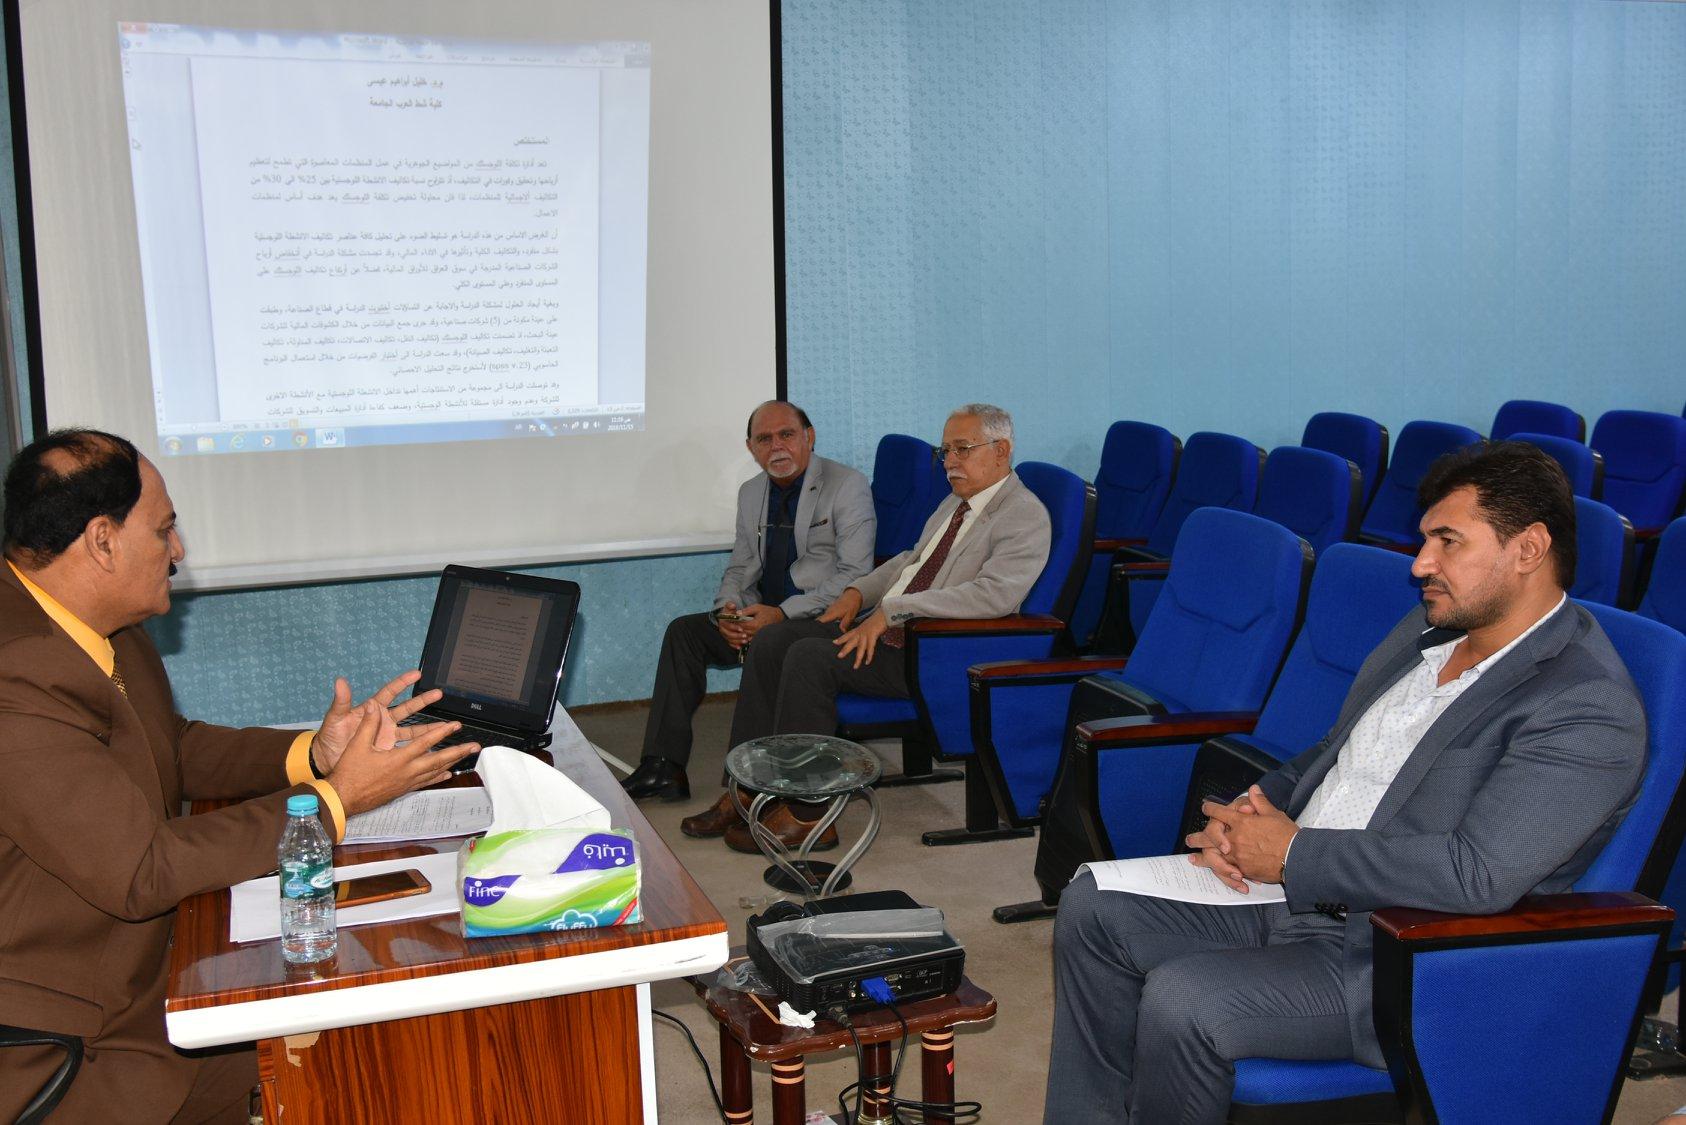 إدارة التكلفة اللوجستية في تحسين الأداء المالي للشركات الصناعية المدرجة في سوق العراق للأوراق المالية